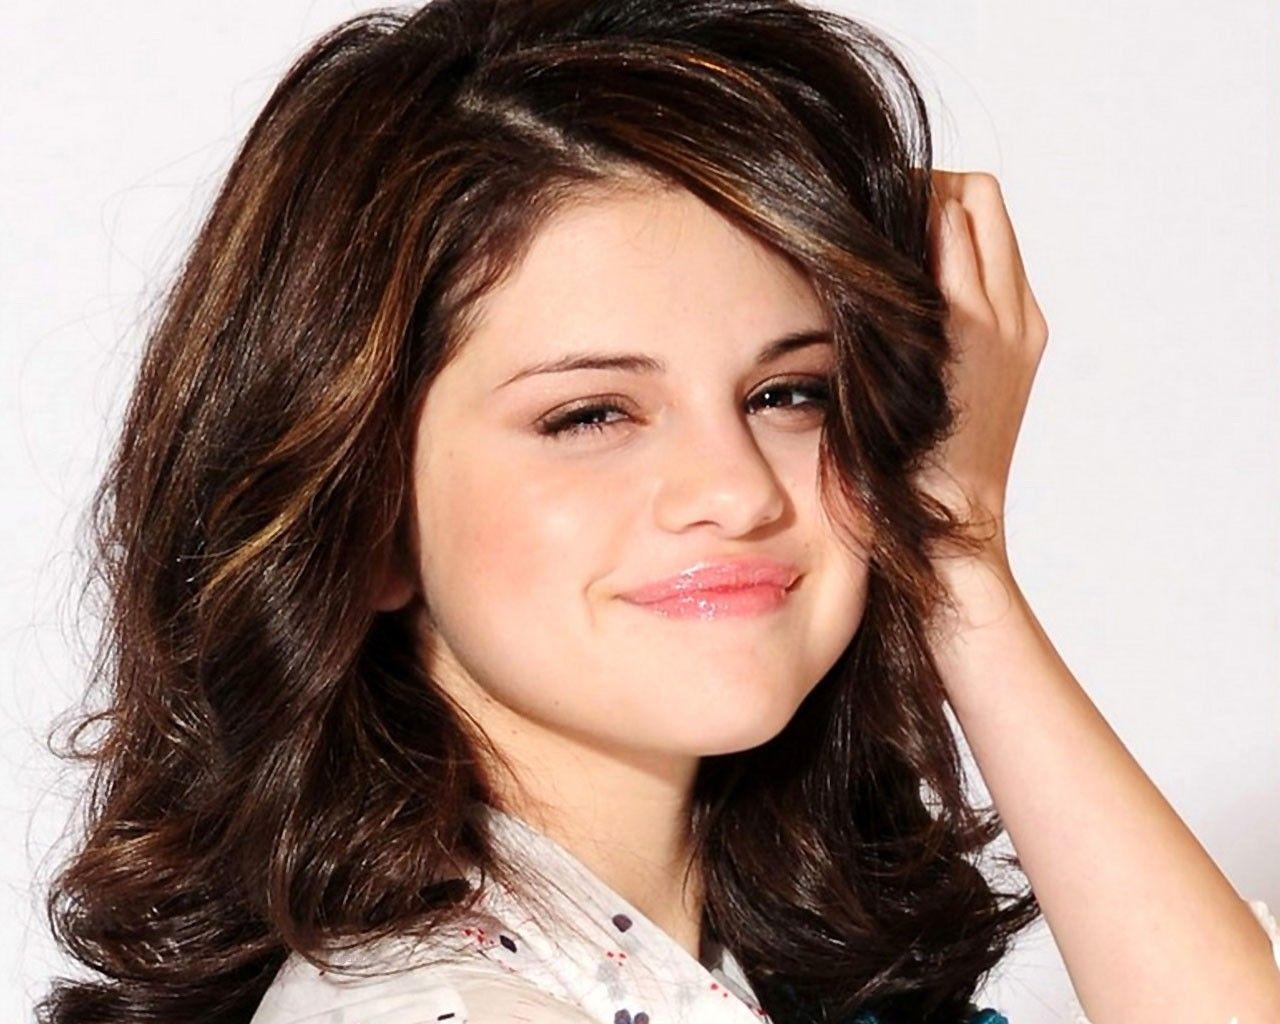 Selena Gomez Cute Hd Wallpapers Wallpaperss Hd Selena Gomez Selena Gomez Photoshoot Selena Gomez Cute